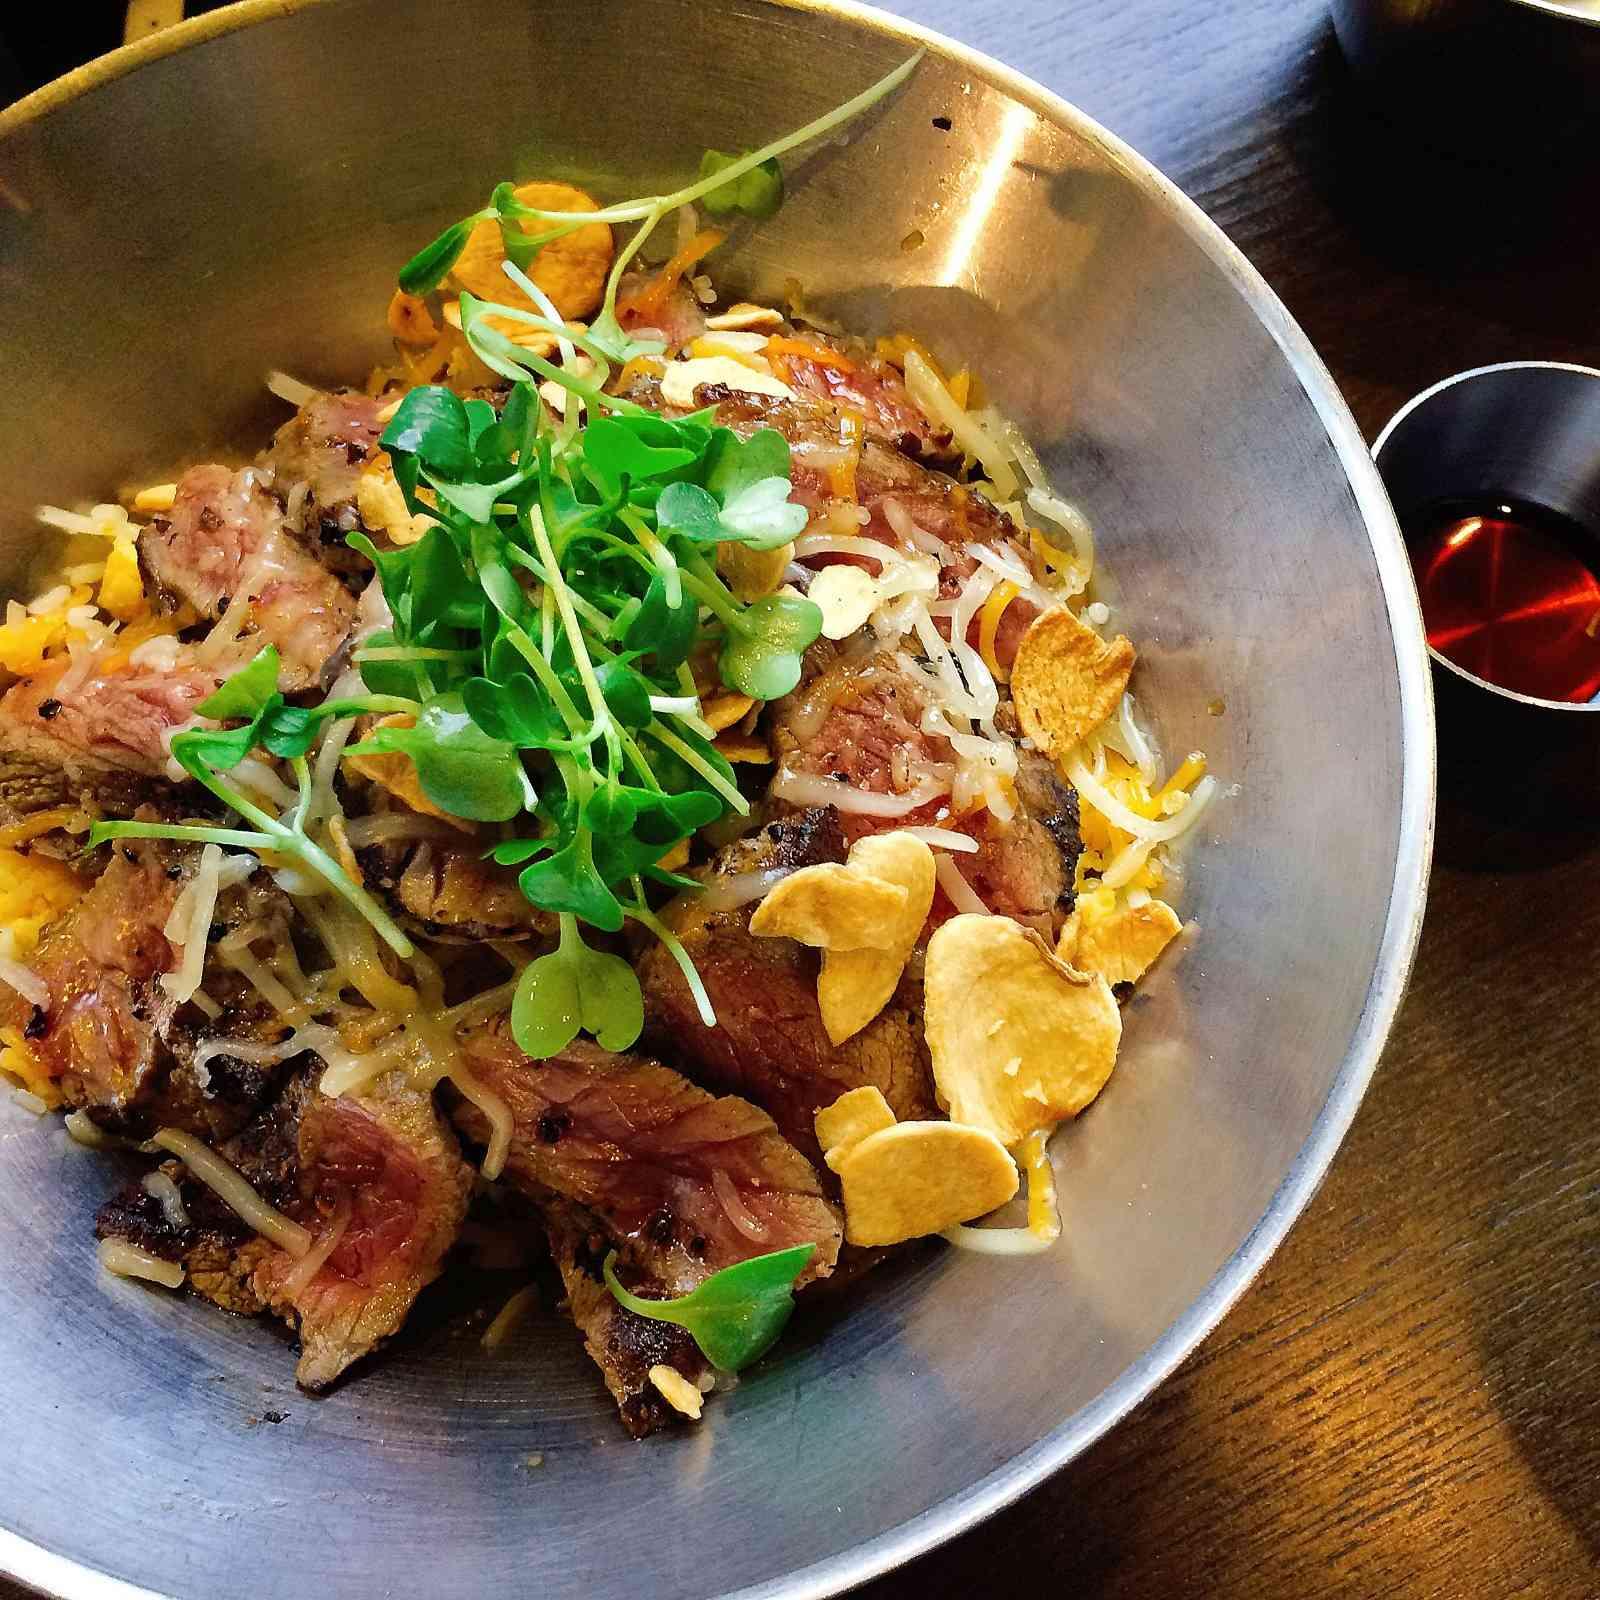 第二款就是牛扒蓋飯,再混合了蘑菇和芝士,是非常豐富的一道料理。